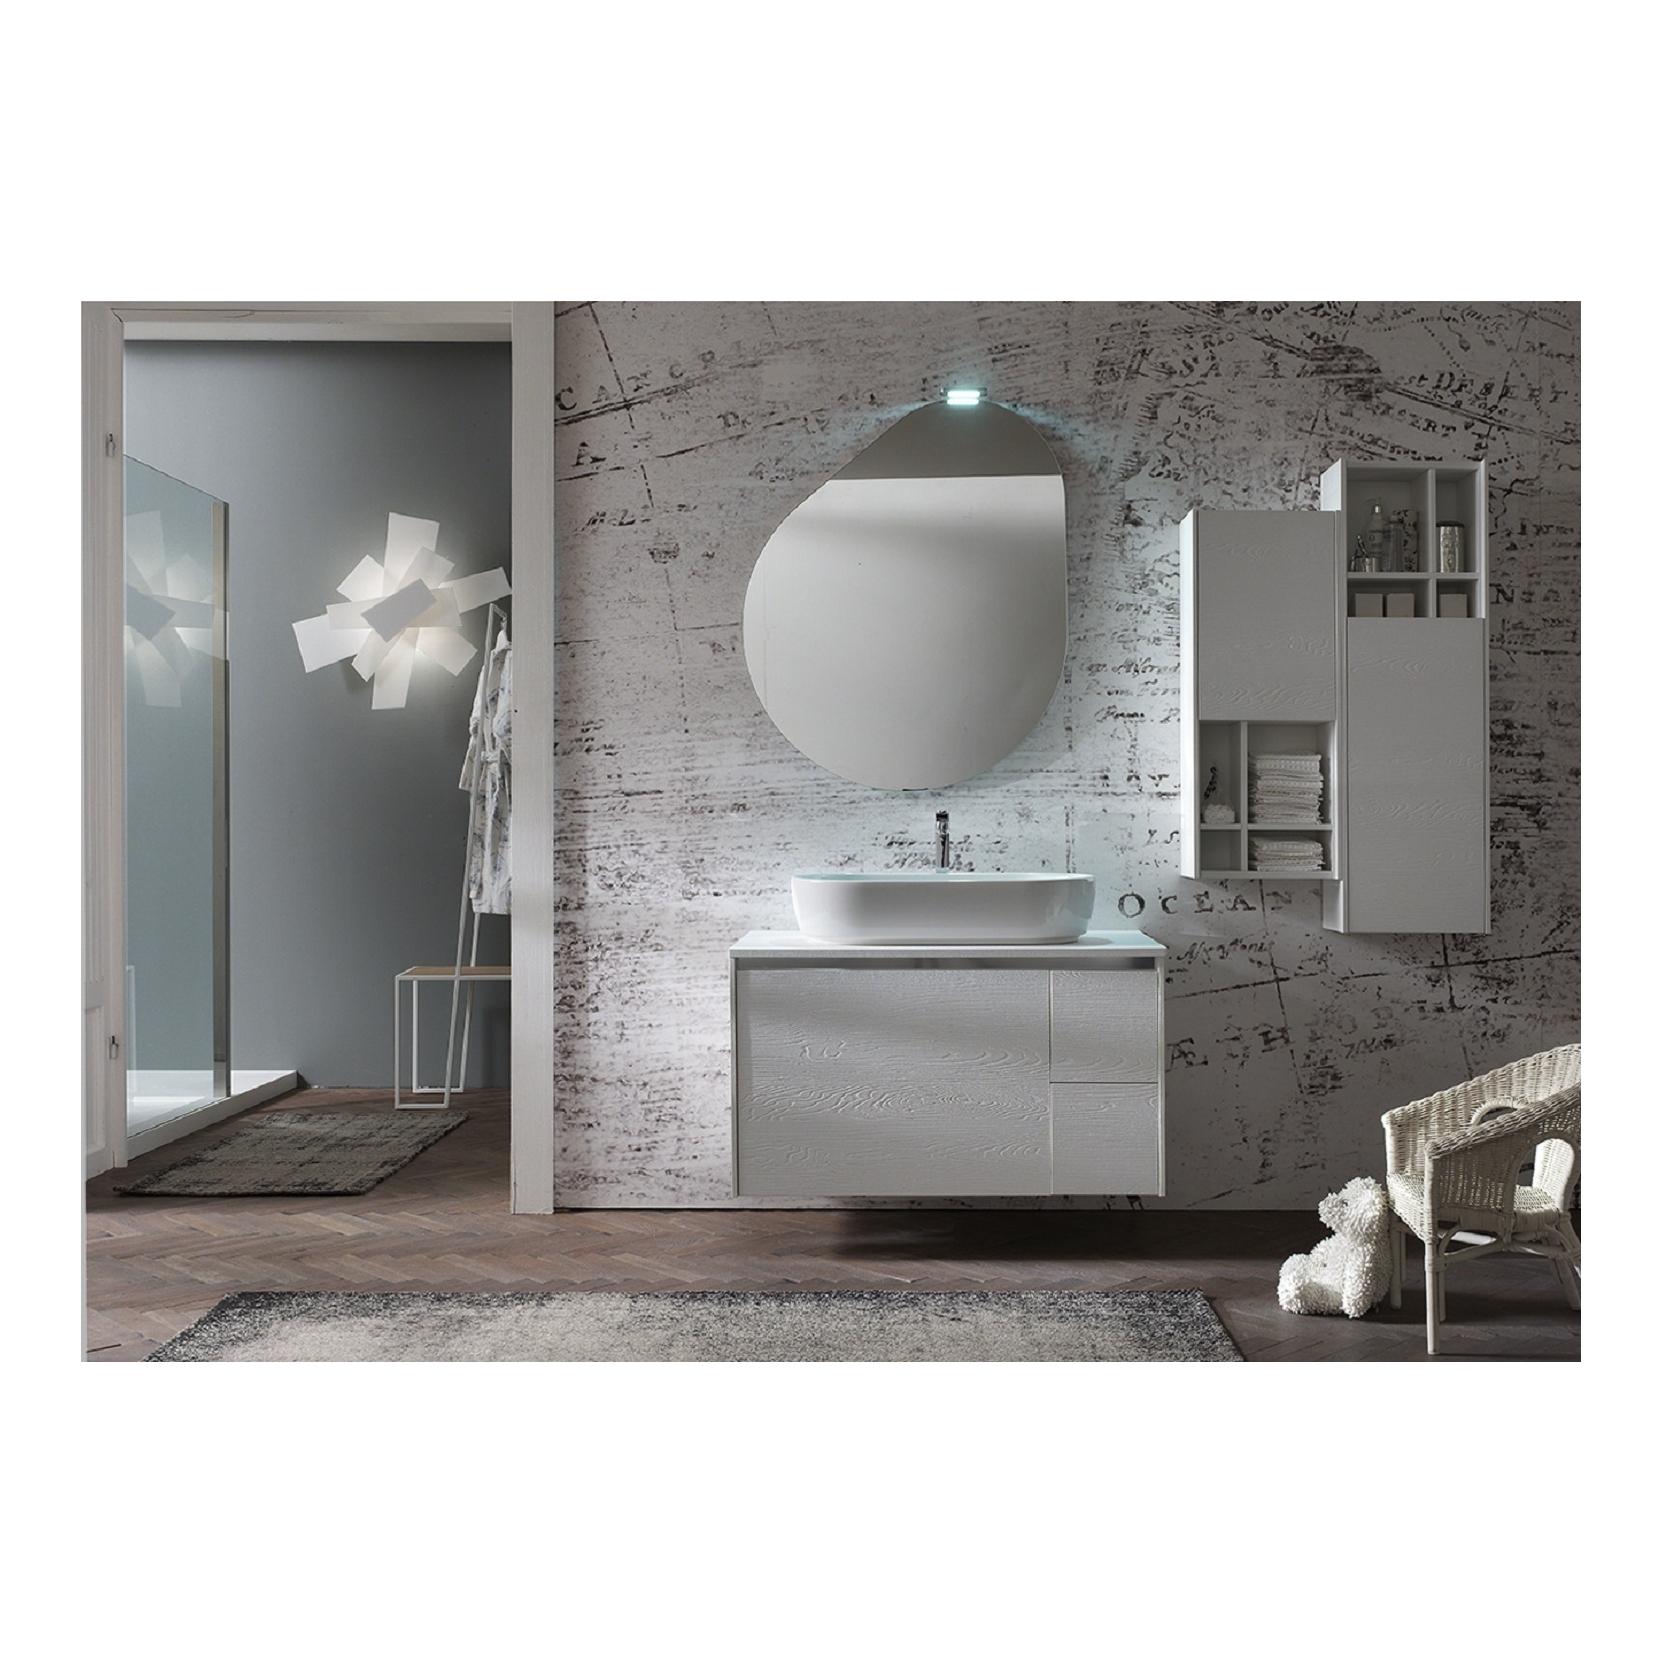 Arcom bagni catalogo perfect sistema bagno componibile - Arcom mobili bagno ...